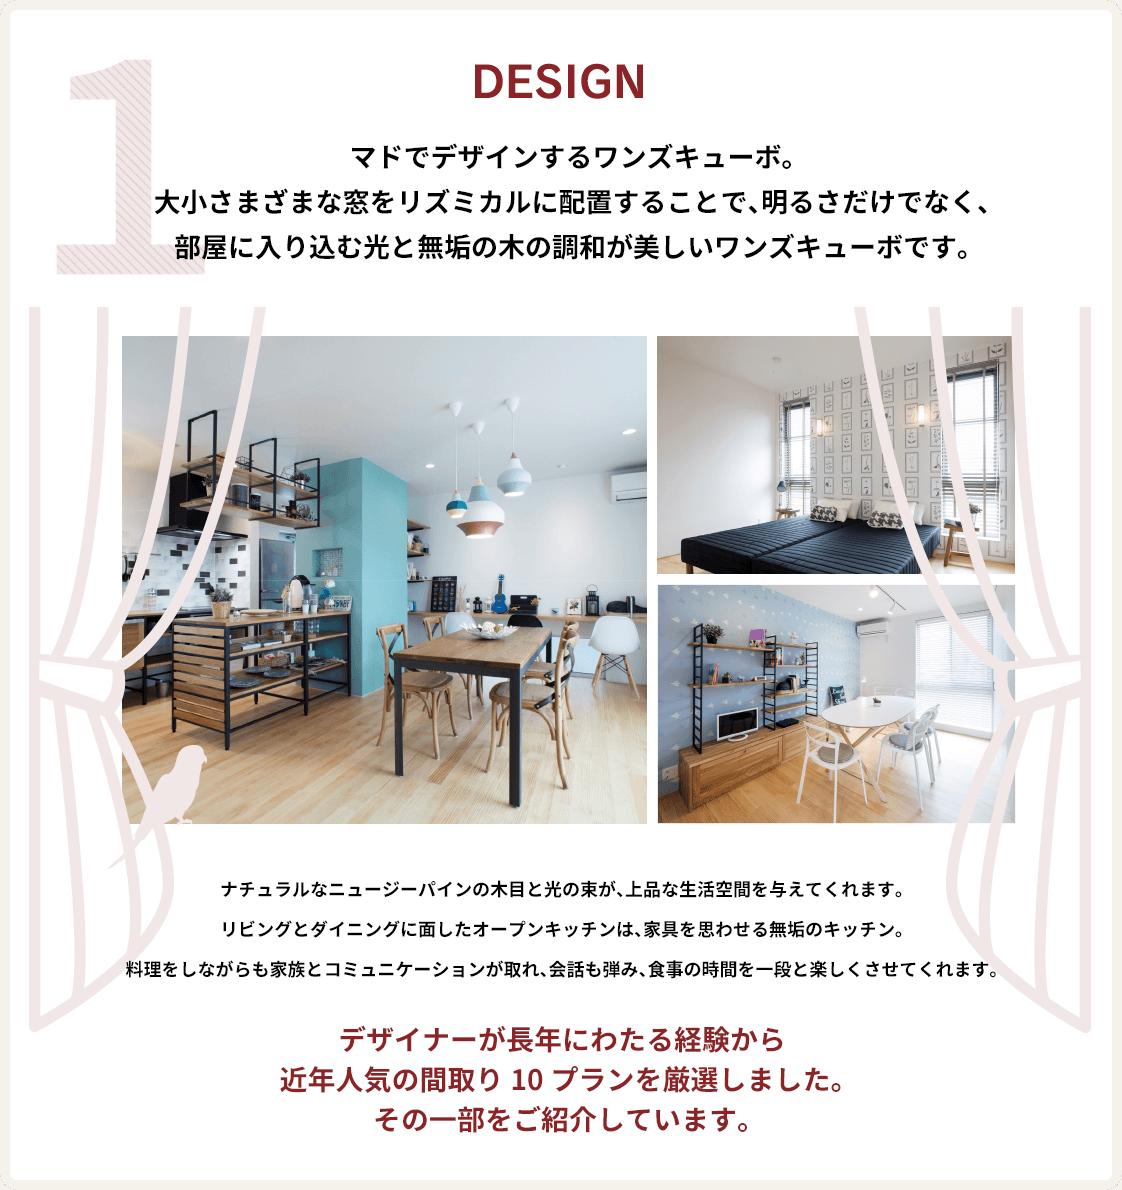 1. Design マドでデザインするワンズキューボ。大小さまざまな窓をリズミカルに配置することで、明るさだけでなく、部屋に入り込む光と無垢の木の調和が美しいワンズキューボです。